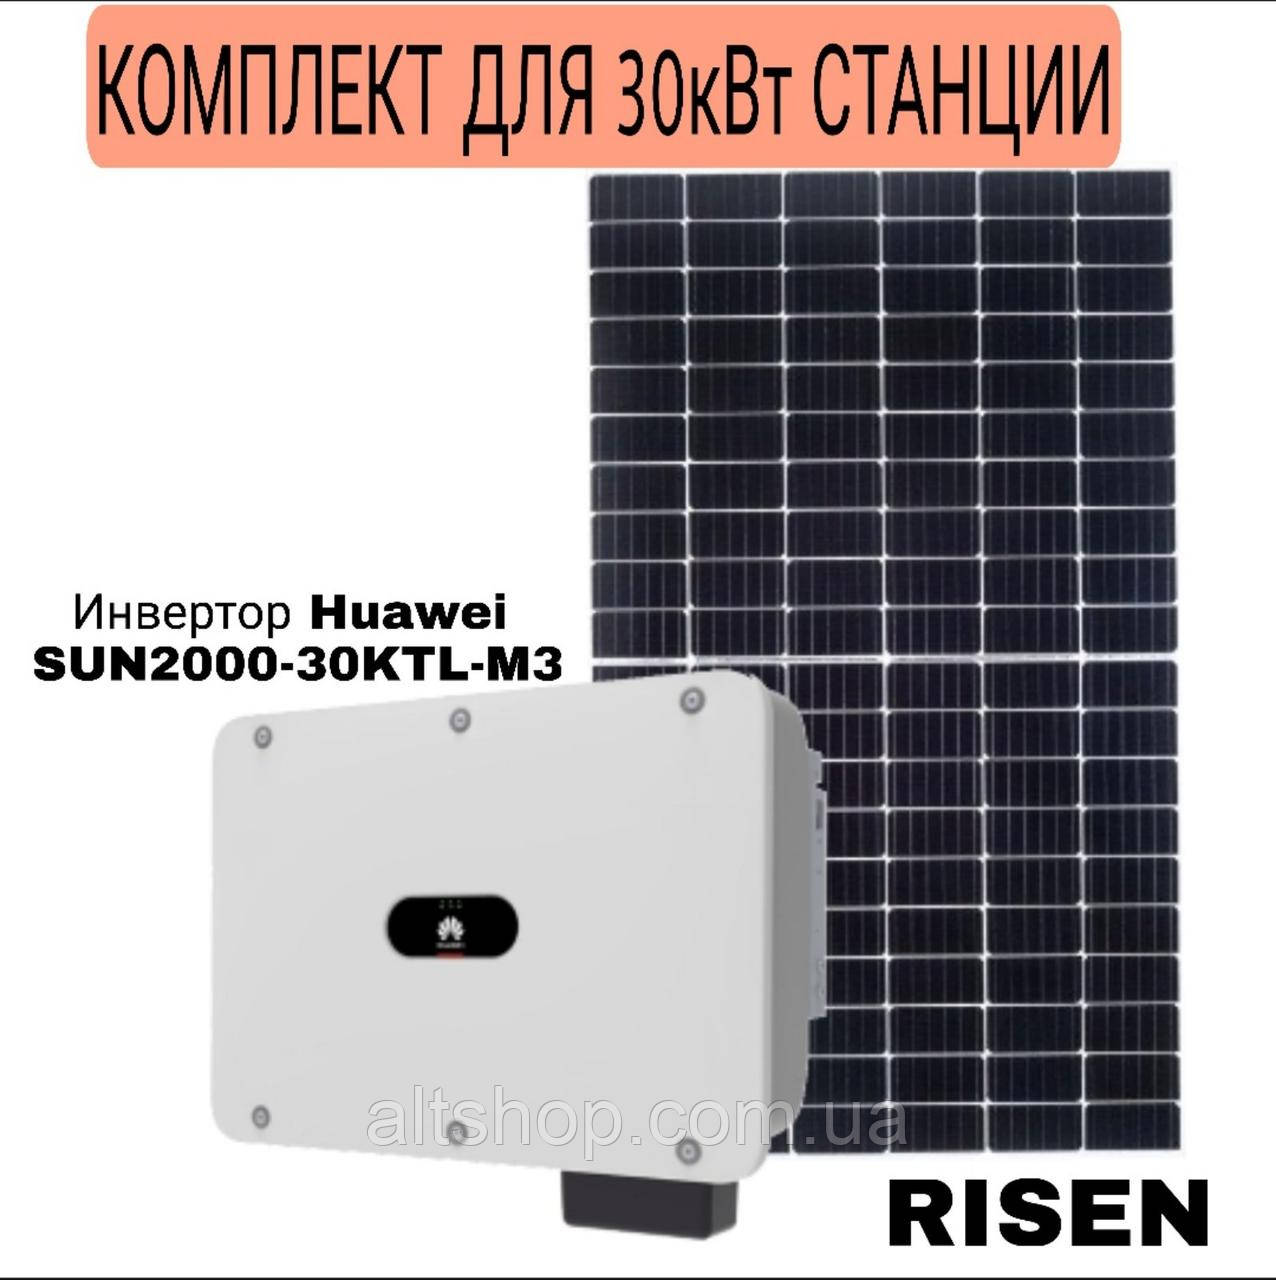 Комплект для сетевой солнечной электростанции 30 кВт (фотомодуль, инвертор,солнечная панель зеленый тариф)